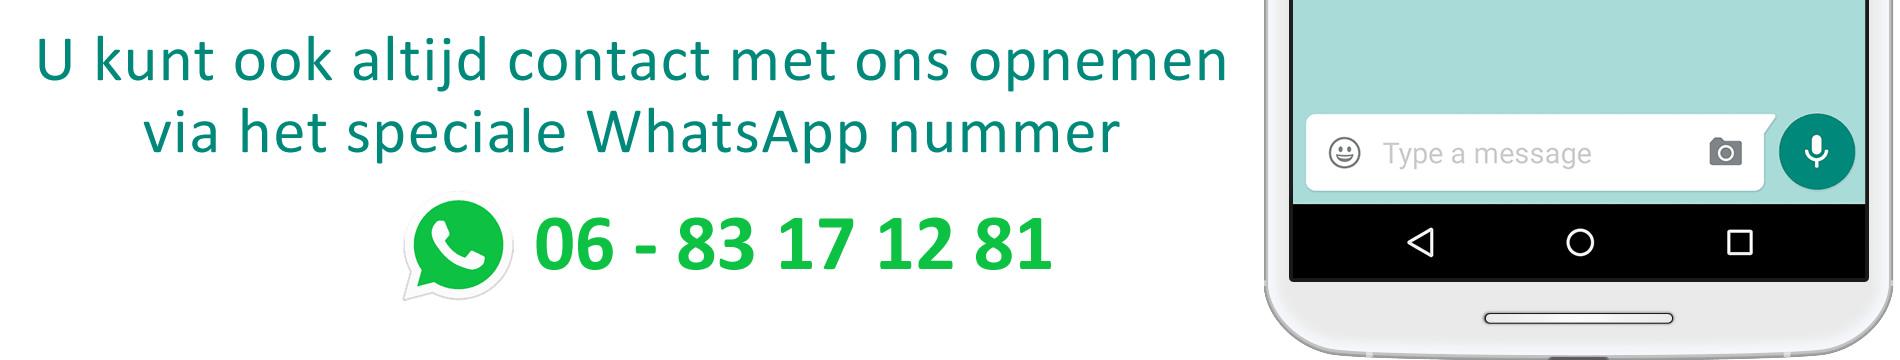 Groenmechanisatie Roubroeks: neem contact op via WhatsApp 06 83 17 12 81ng